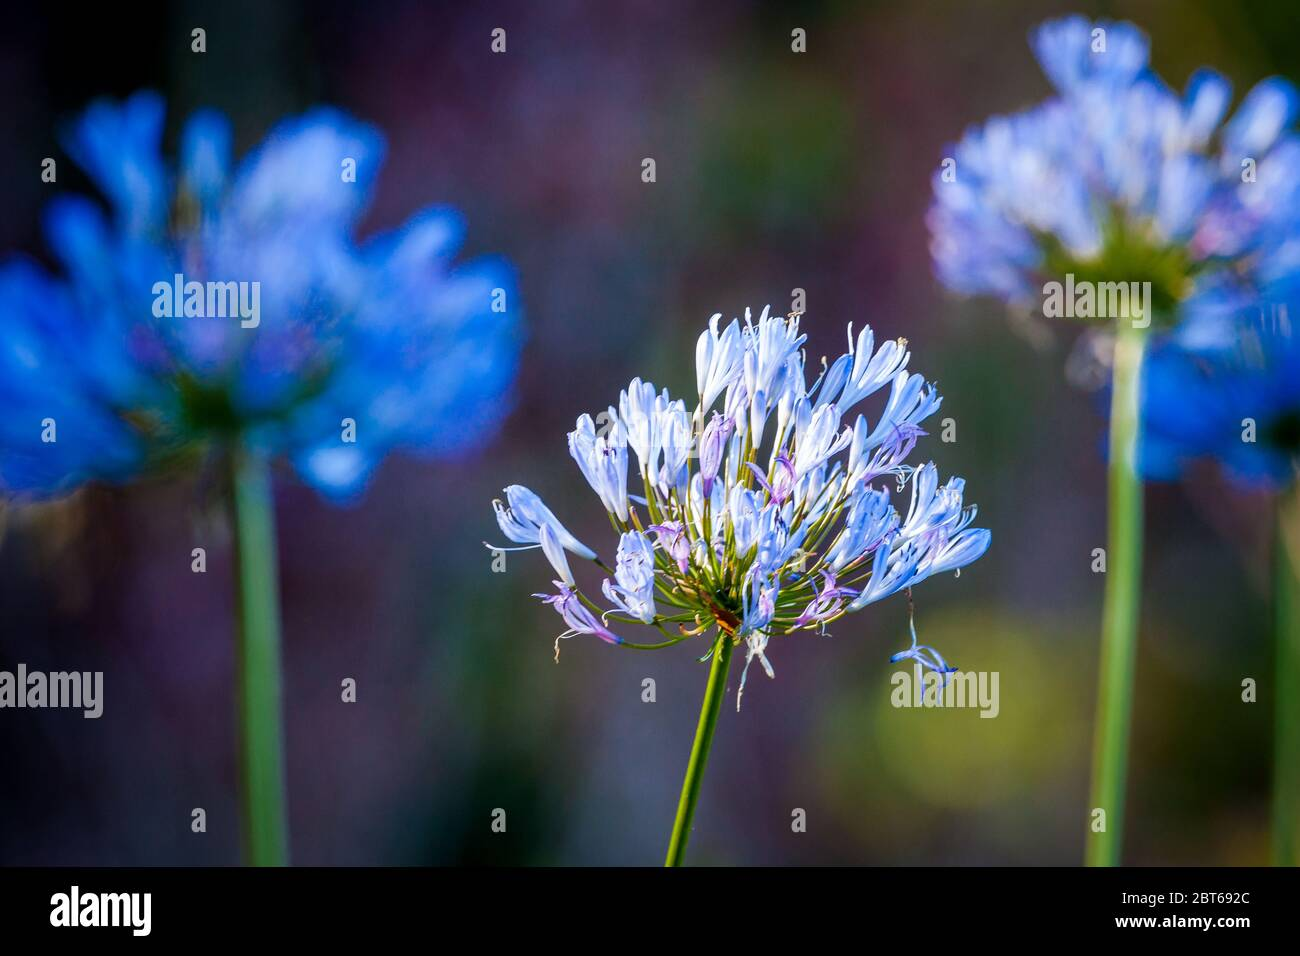 Bellissimi fiori blu nella lussureggiante foresta pluviale del parco nazionale la Amistad, provincia di Chiriqui, Repubblica di Panama. Foto Stock